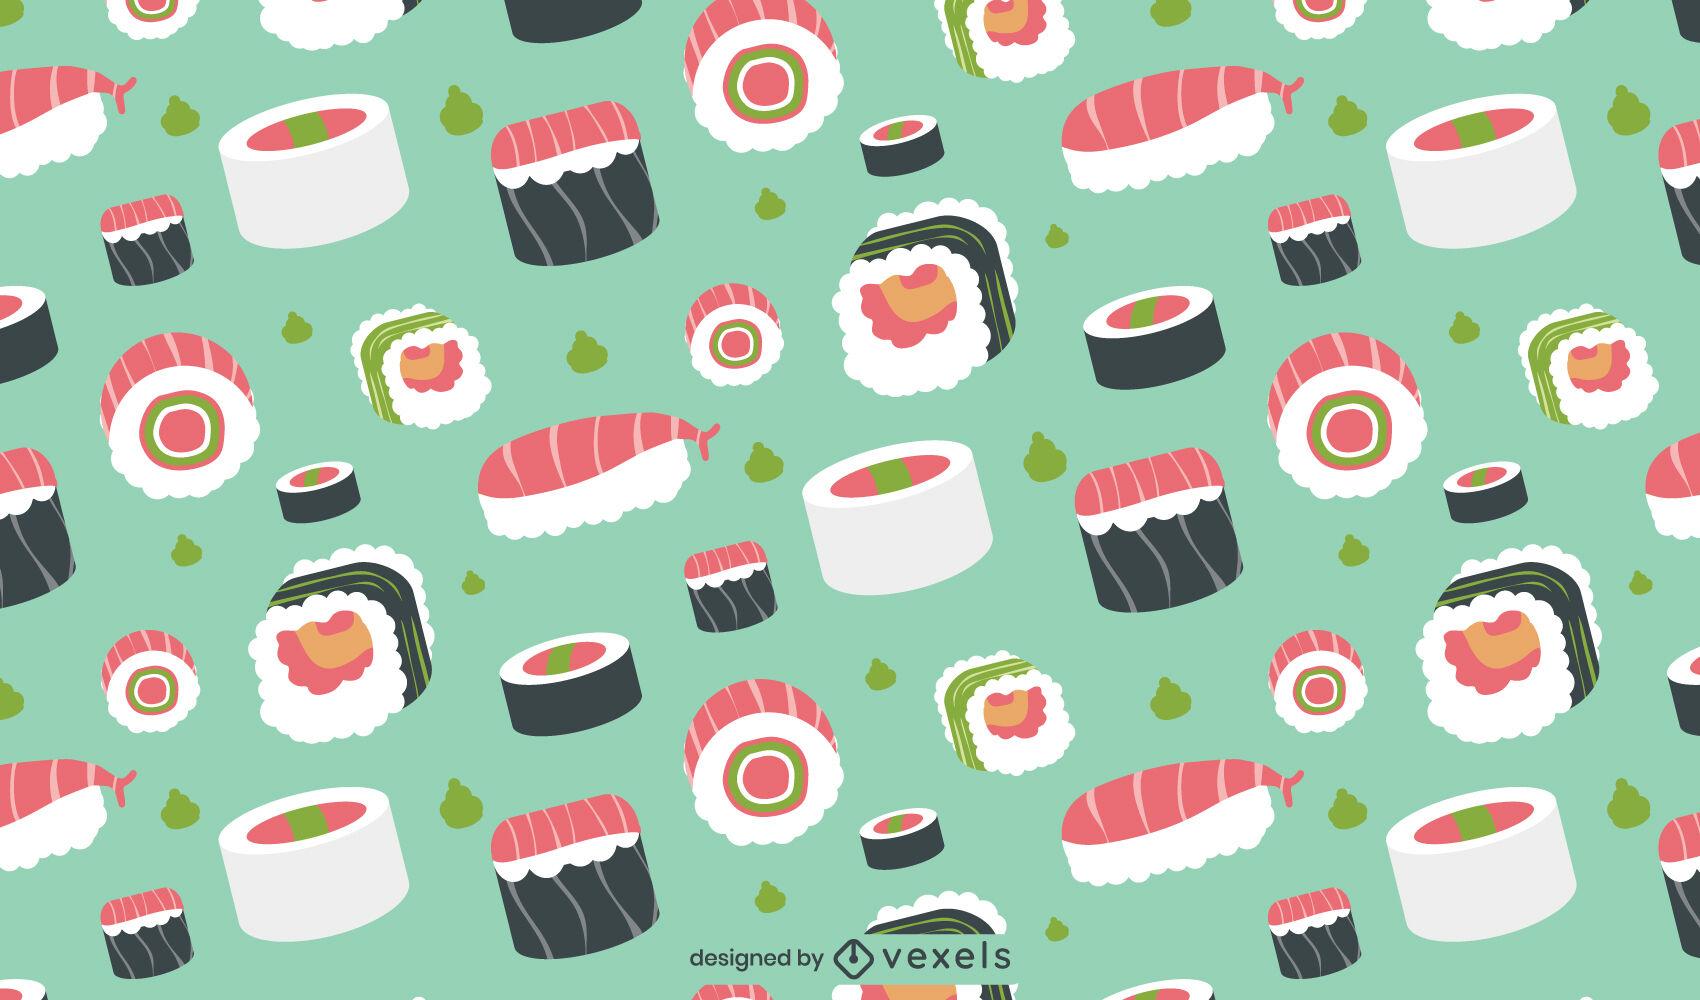 Dise?o de patr?n de comida japonesa de piezas de sushi